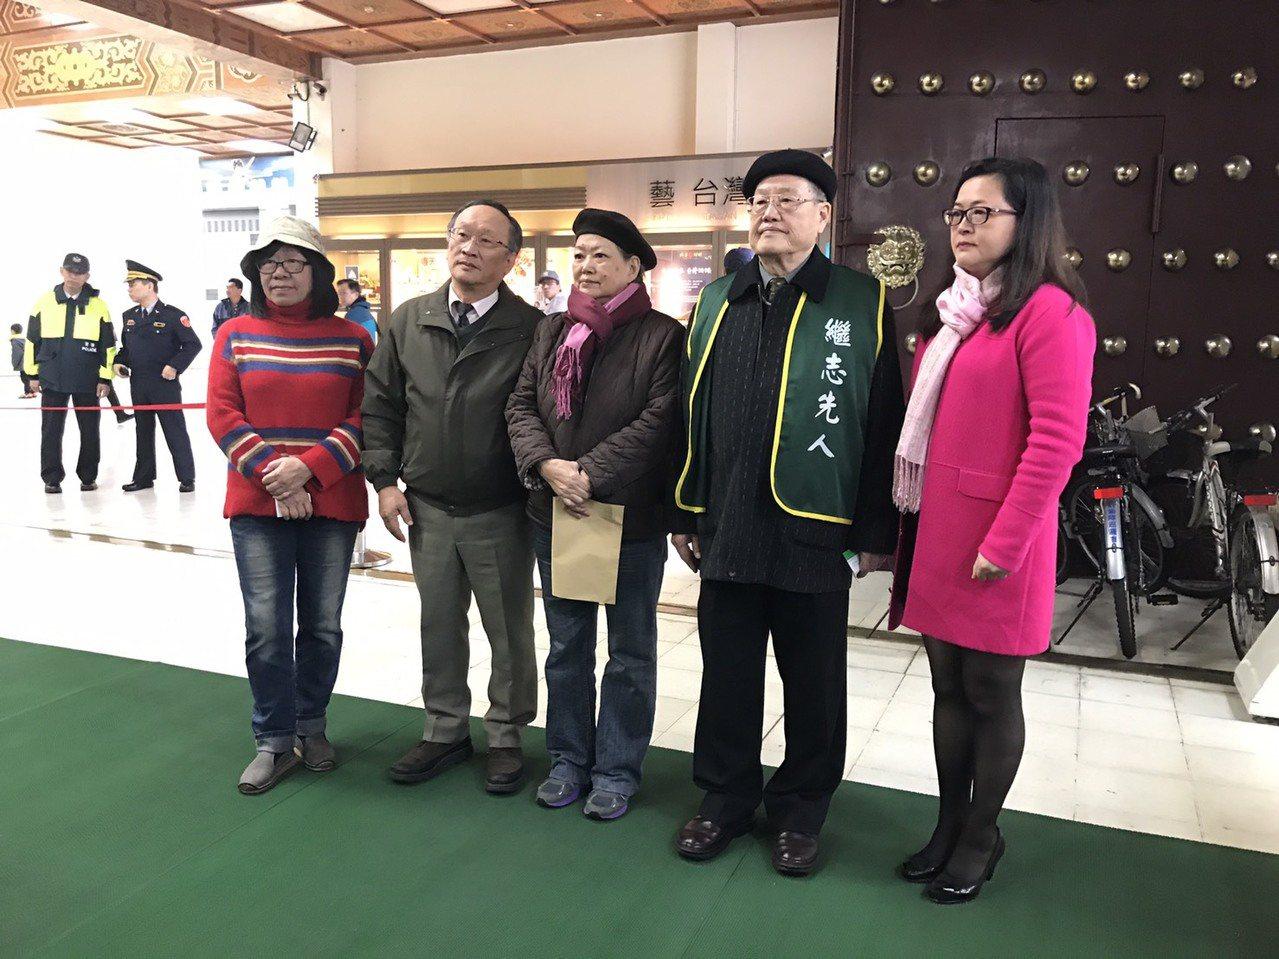 二二八事件70週年,受害者家屬們痛批前總統蔣介石就是兇手,台灣社會不該再紀念一個...